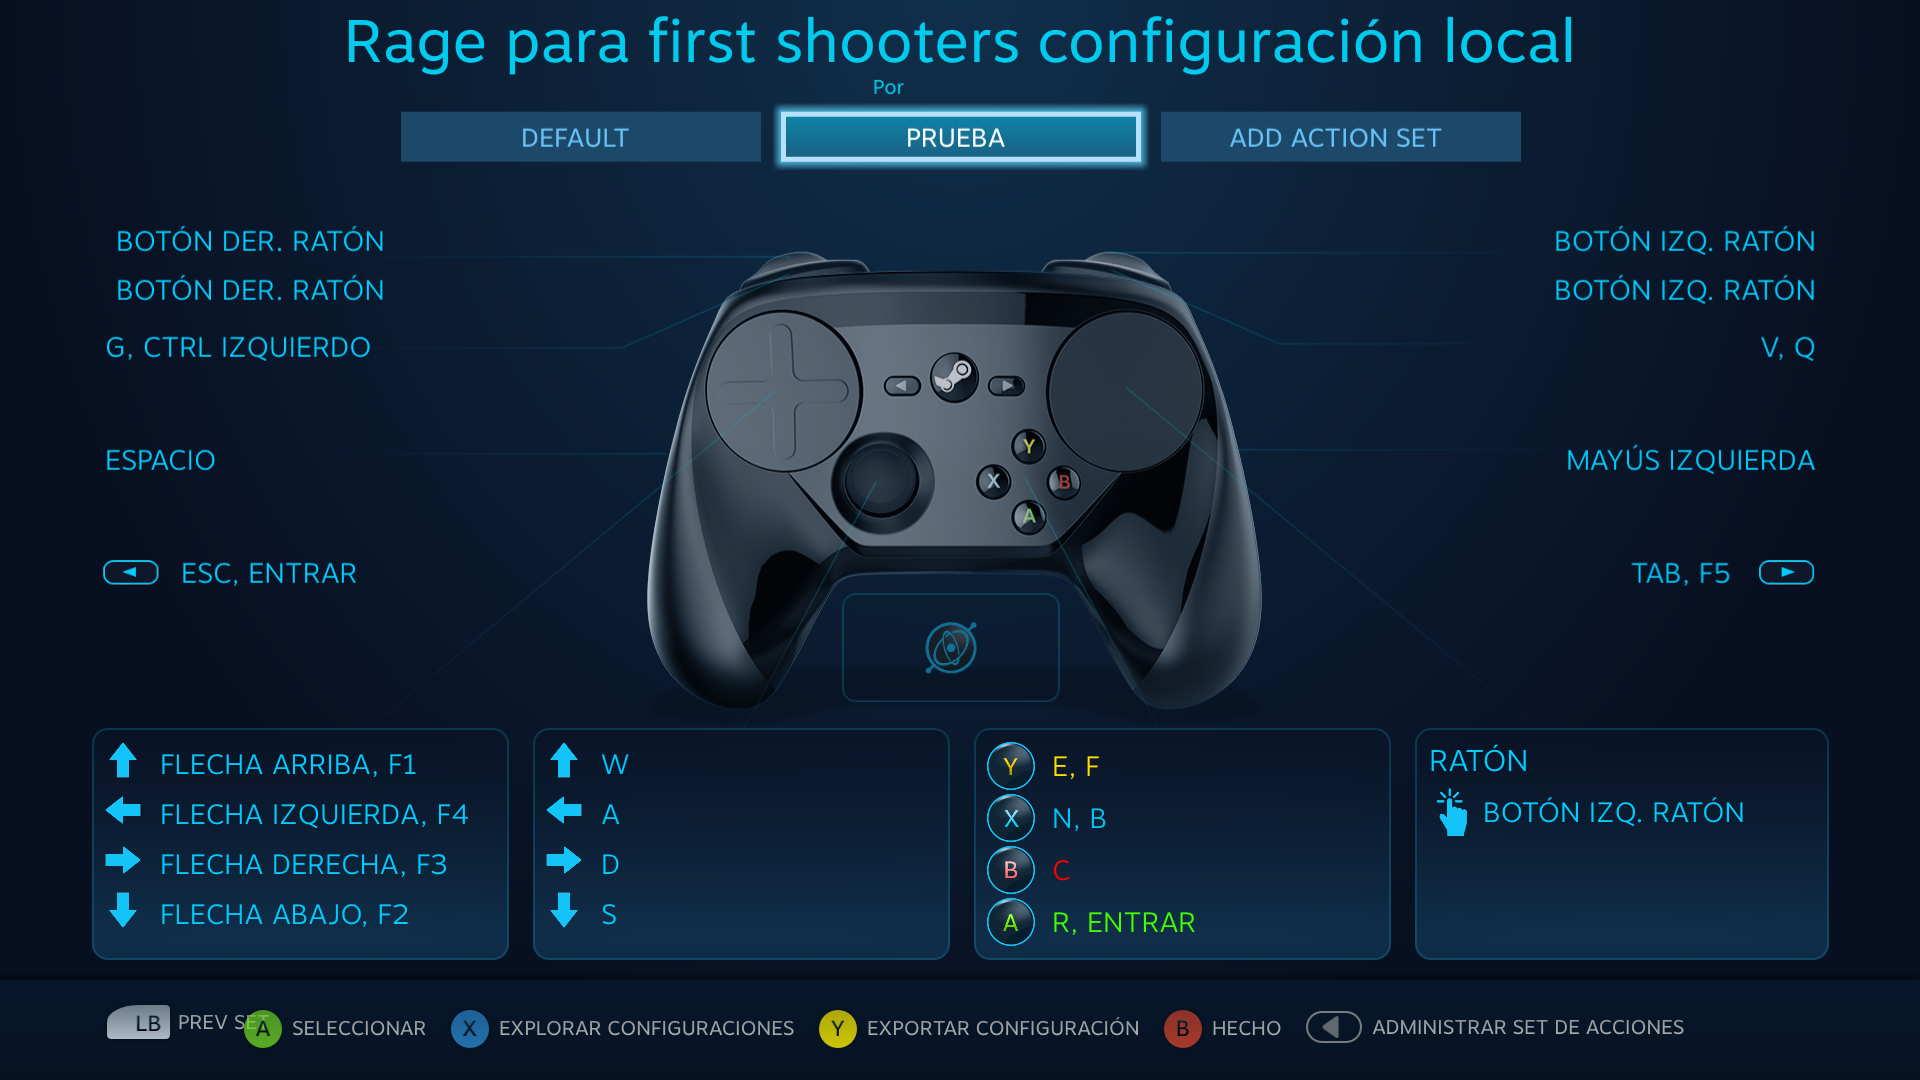 Distintas configuraciones del controlador para un solo juego